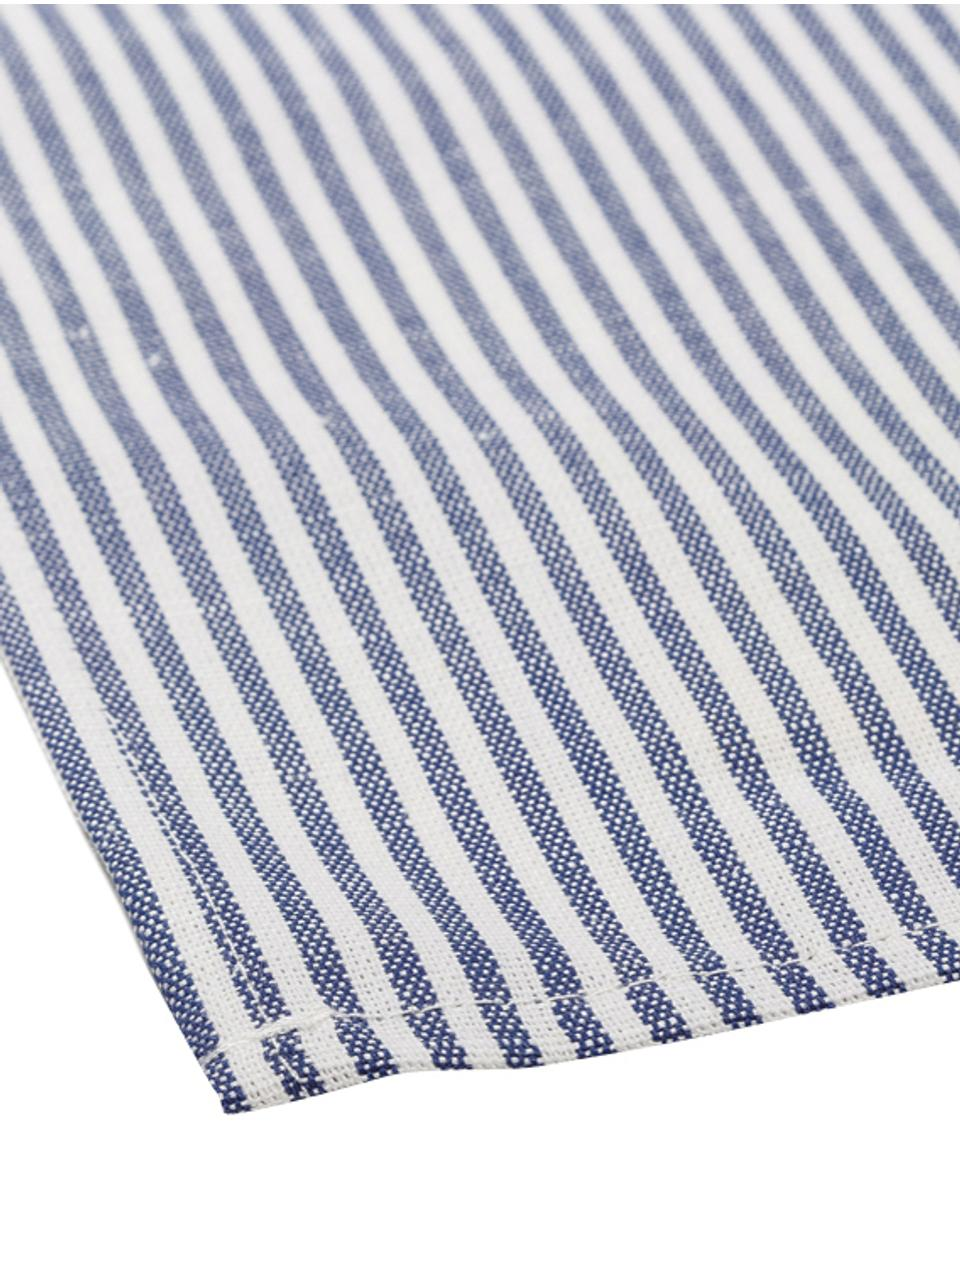 Serwetka z tkaniny Streifen, Biały, niebieski, S 45 x D 45 cm